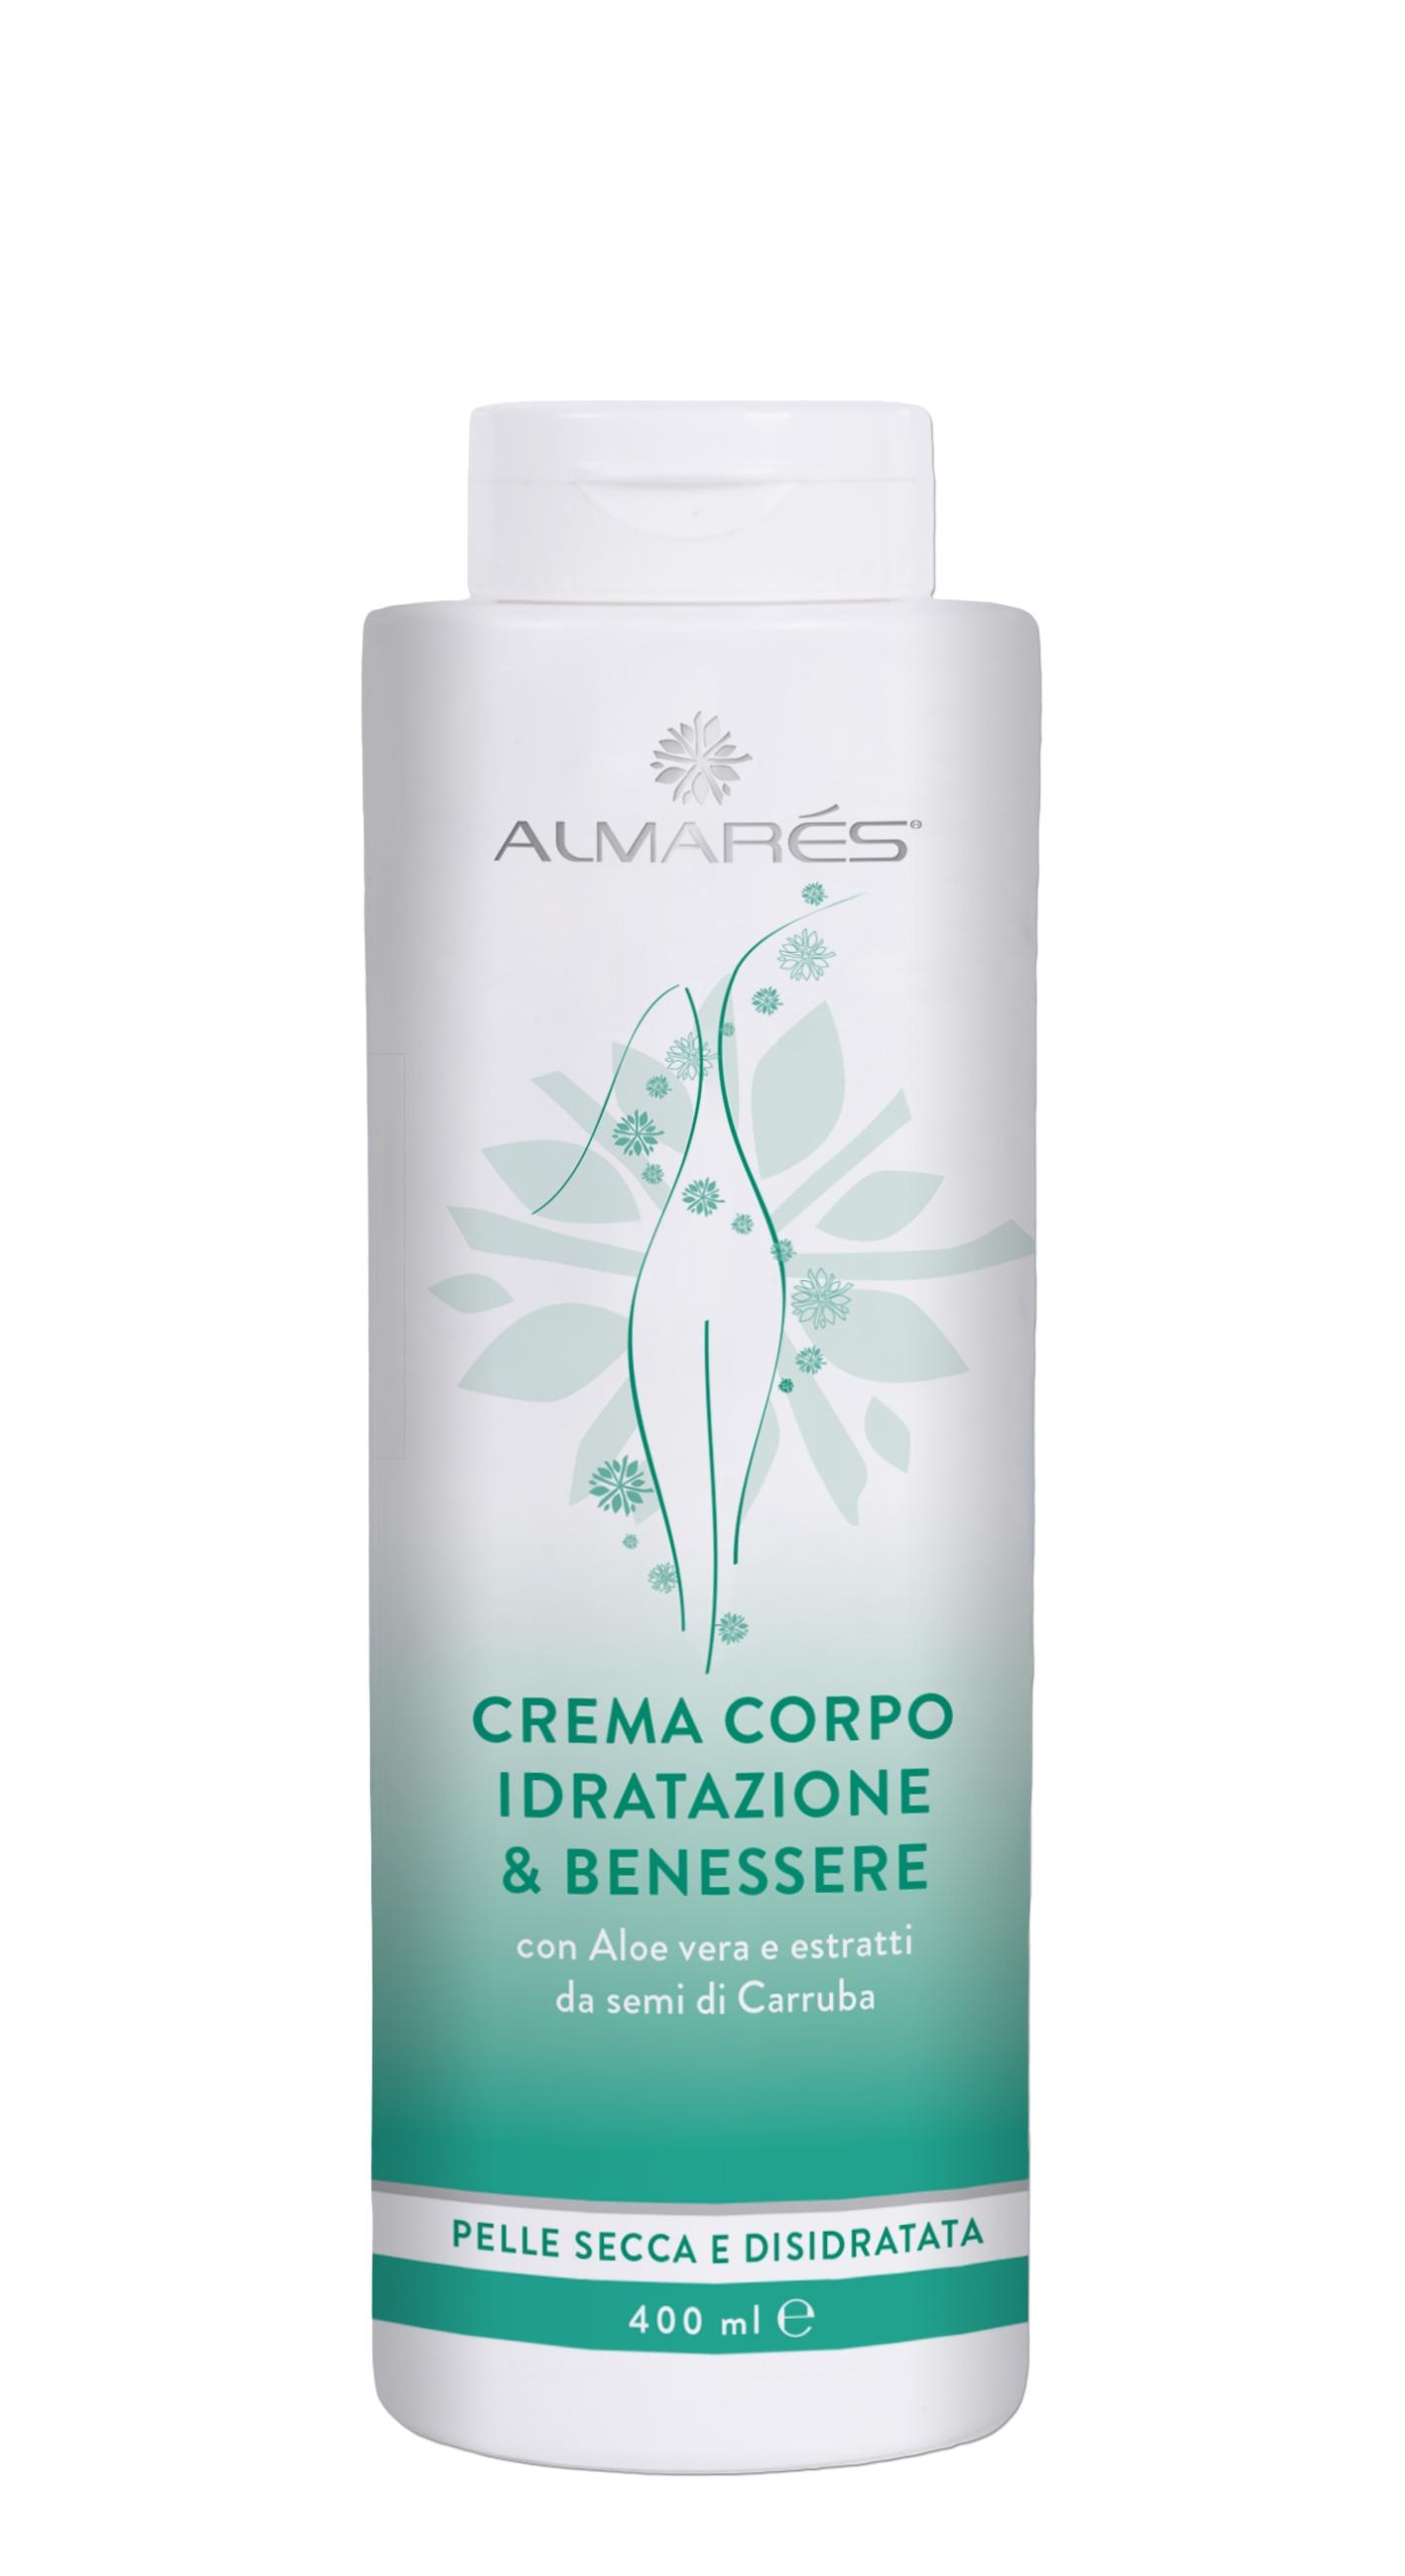 Image of Almarés Crema Corpo Idratazione & Benessere 400 ml 8052439840285